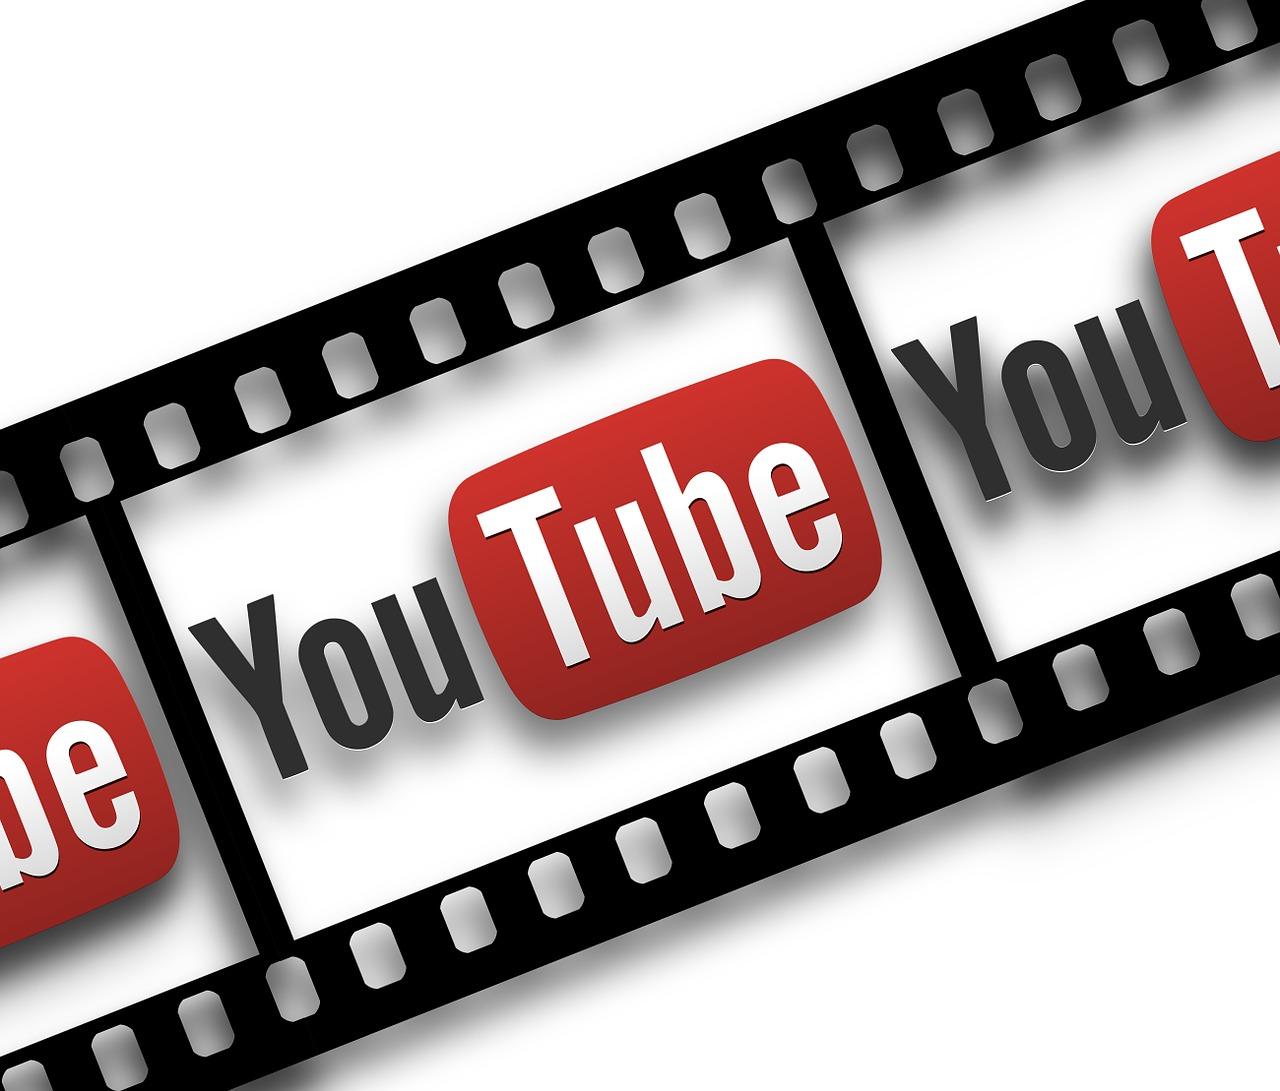 Jak vybrat ten správný downloader YouTube videí?